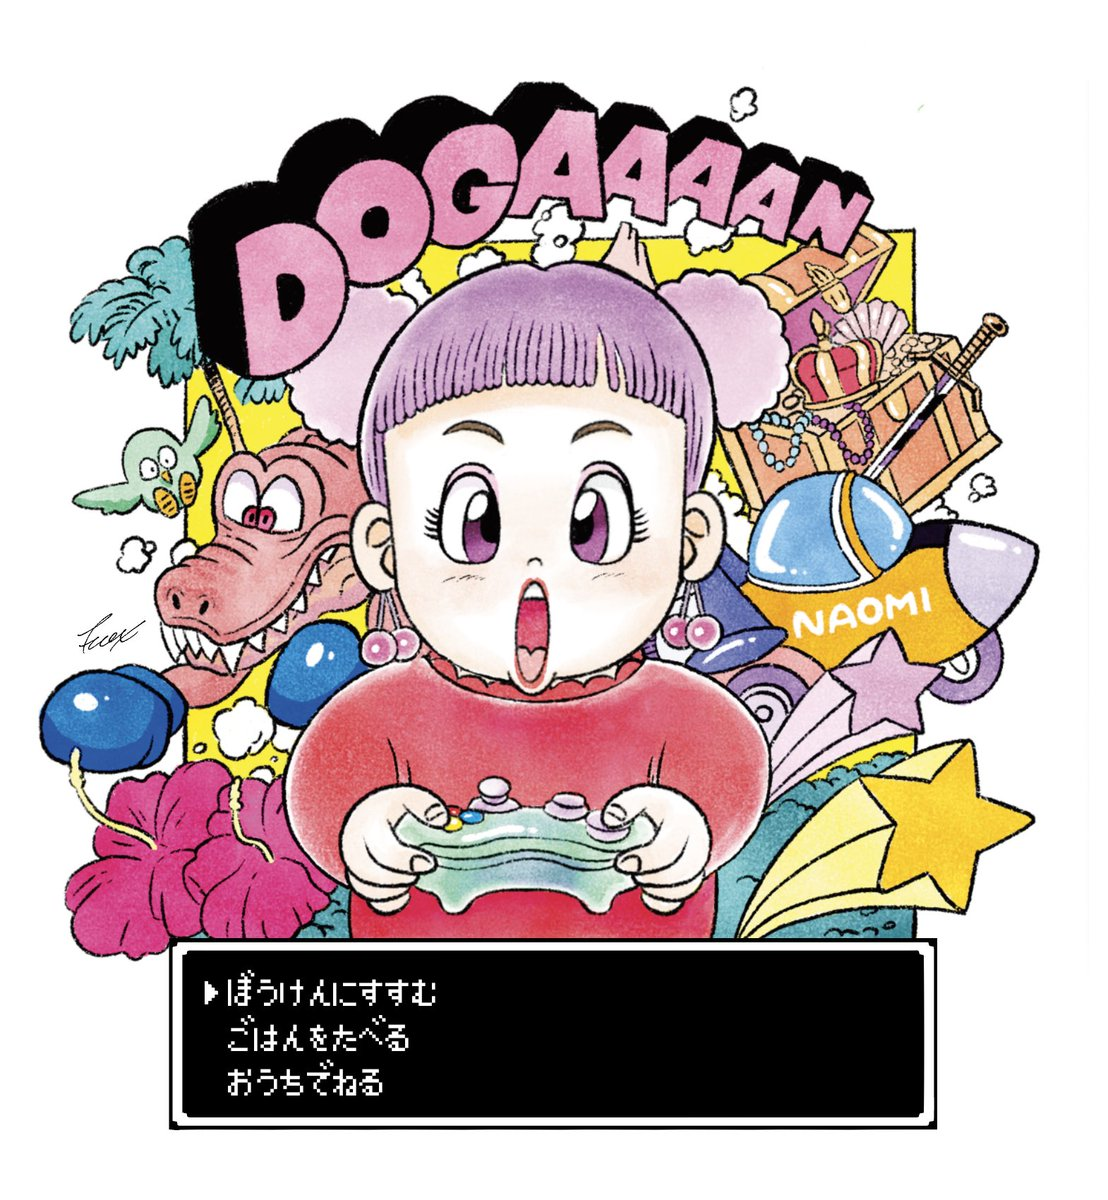 Studio Fcox On Twitter Life Is Game 渡辺直美さんを描きました Watanabe Naomi 渡辺直美 イラスト